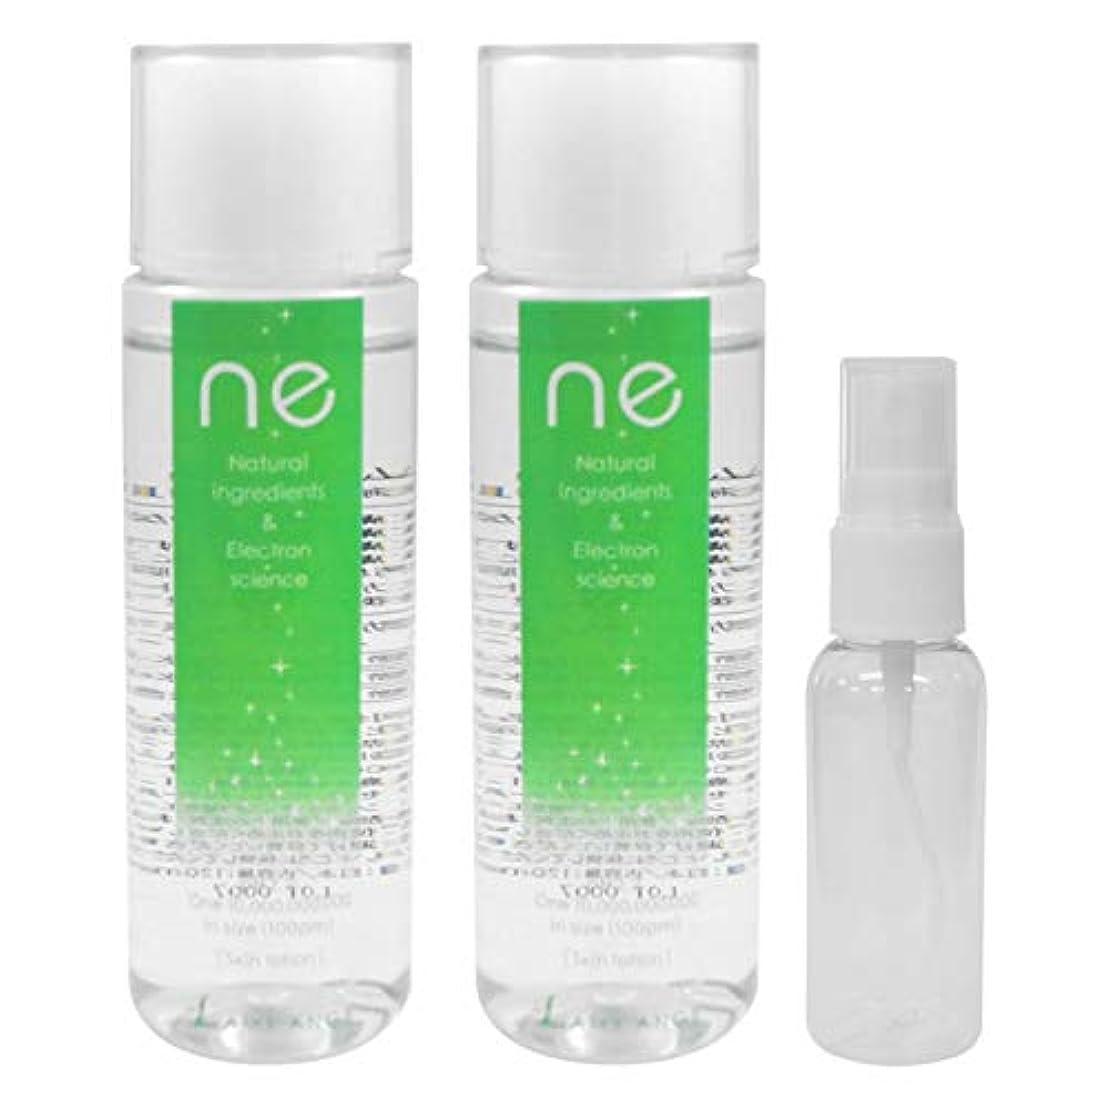 ラムスエンジ NE ピコイオン美容無添加化粧水 120ml×2本セット 詰め替え用スプレーボトル付